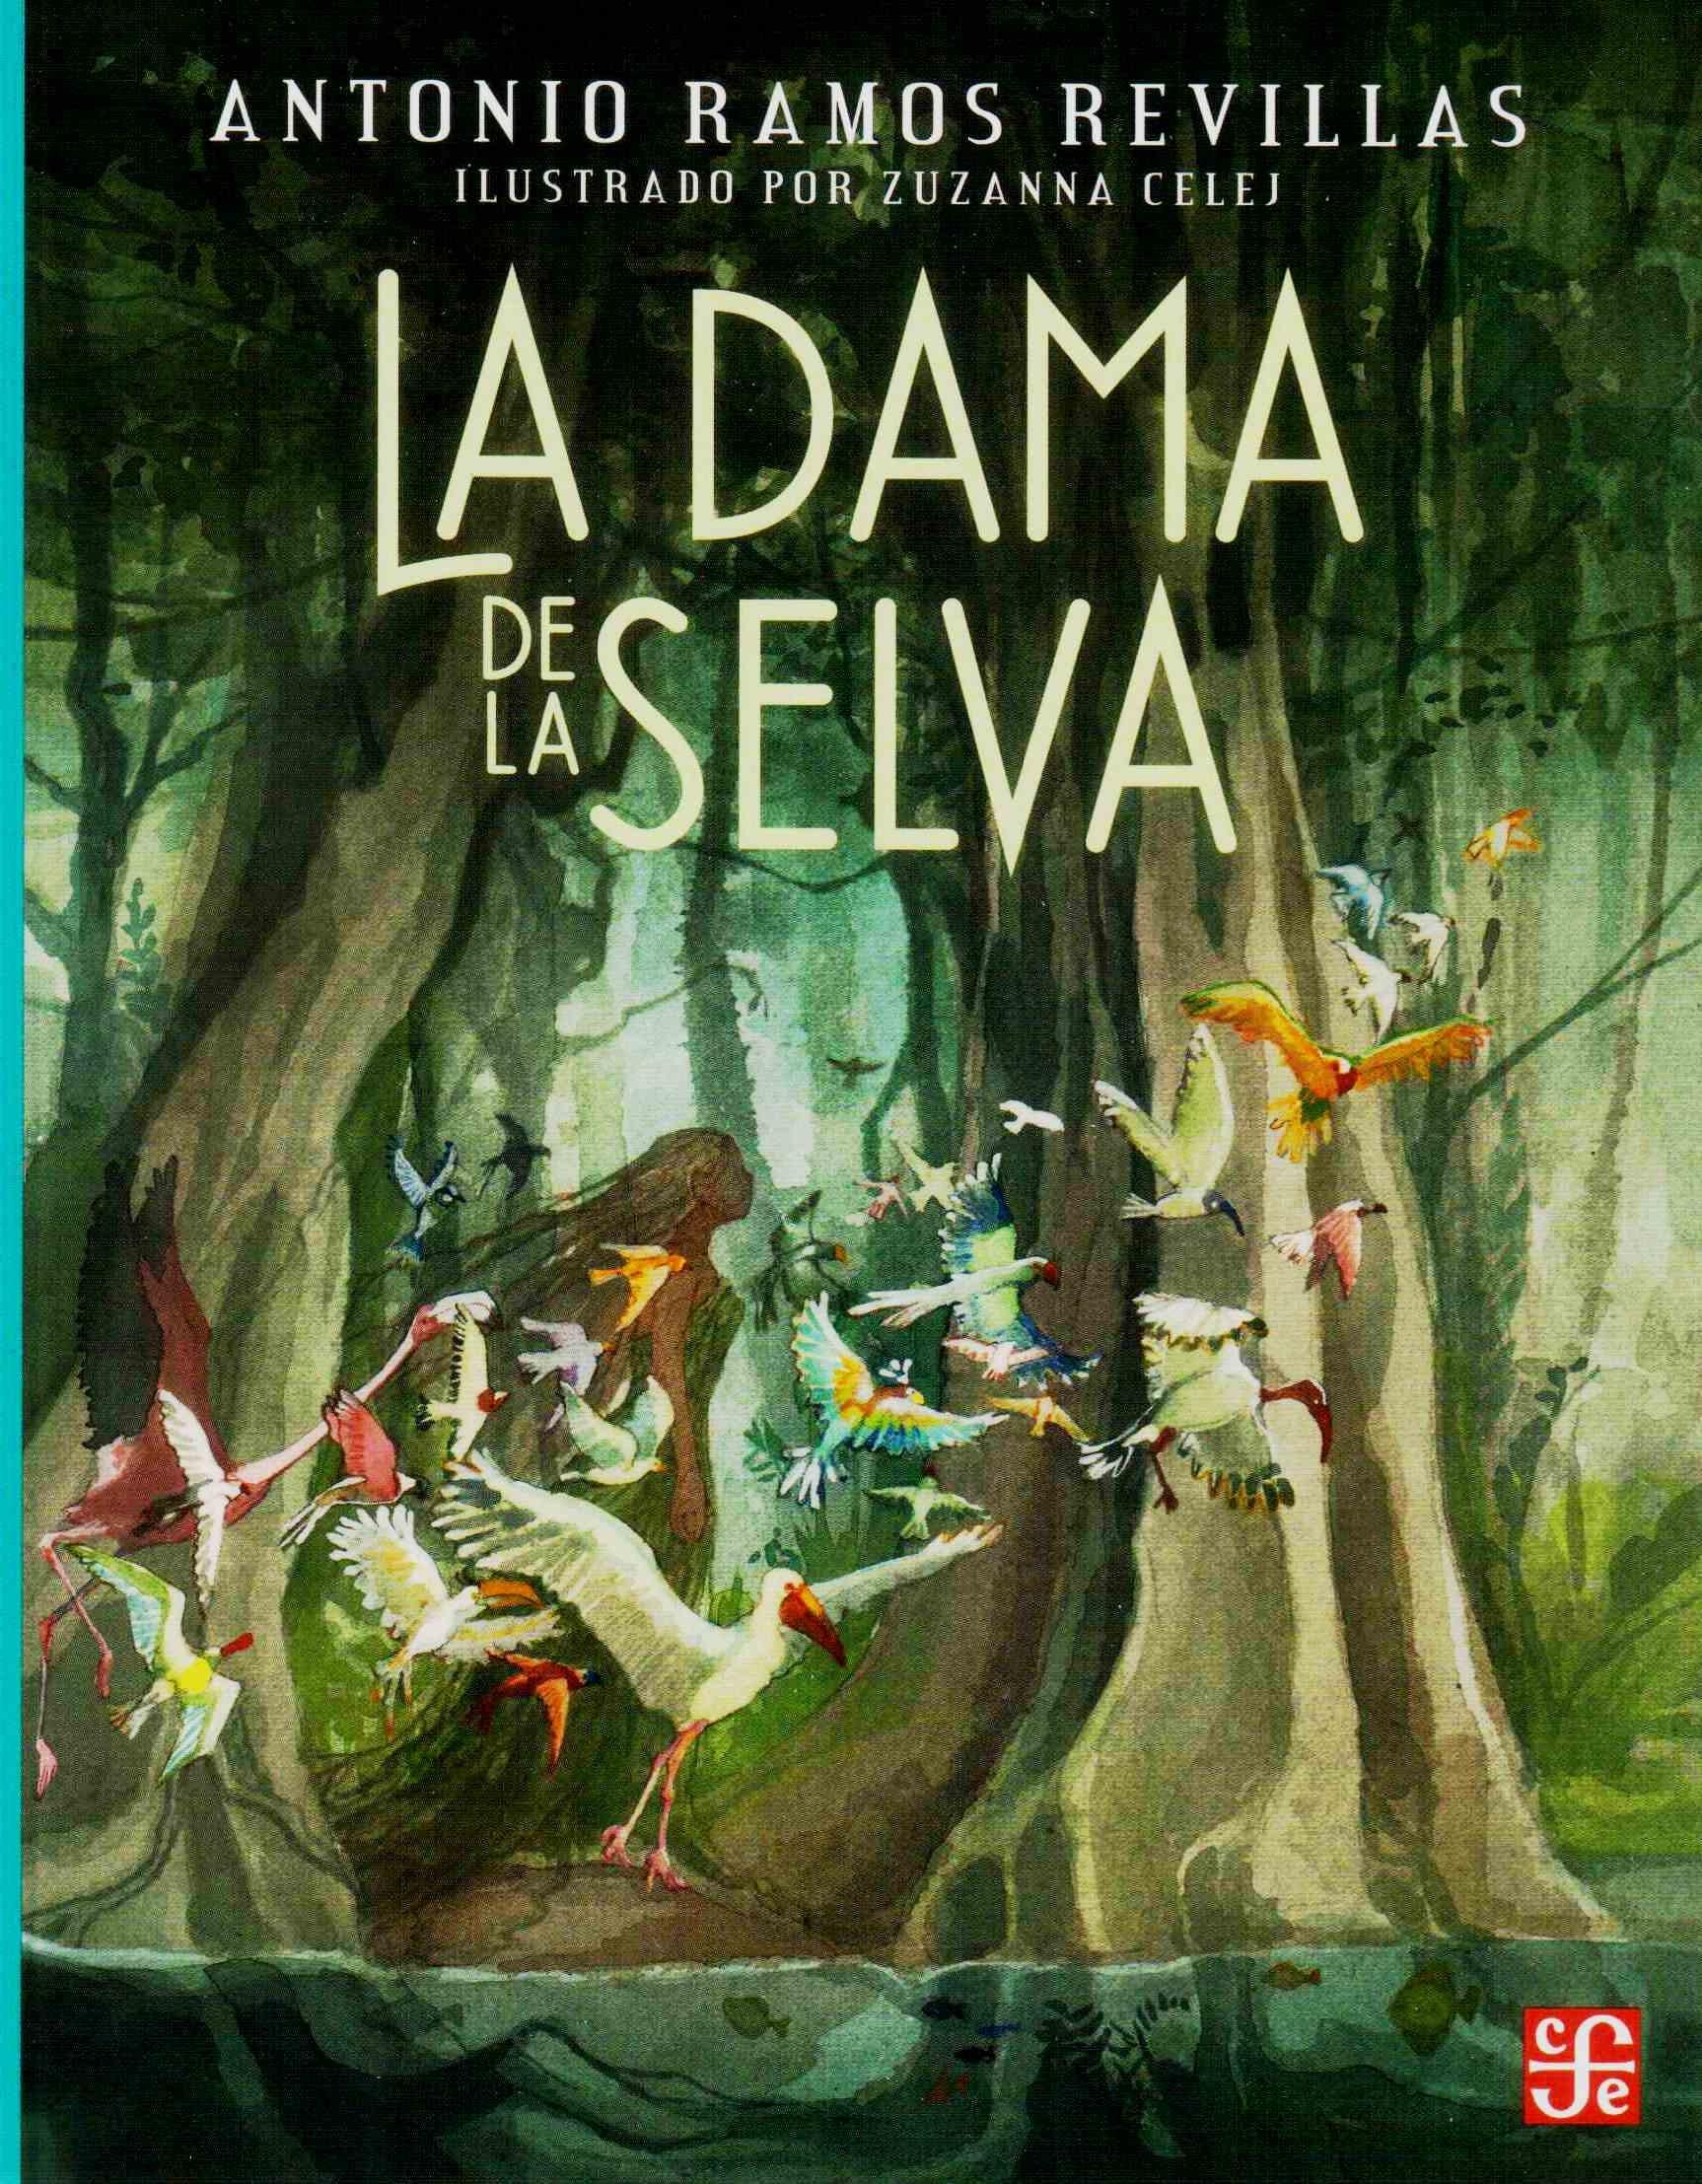 la-dama-de-la-selva-antonio-ramos-revillas